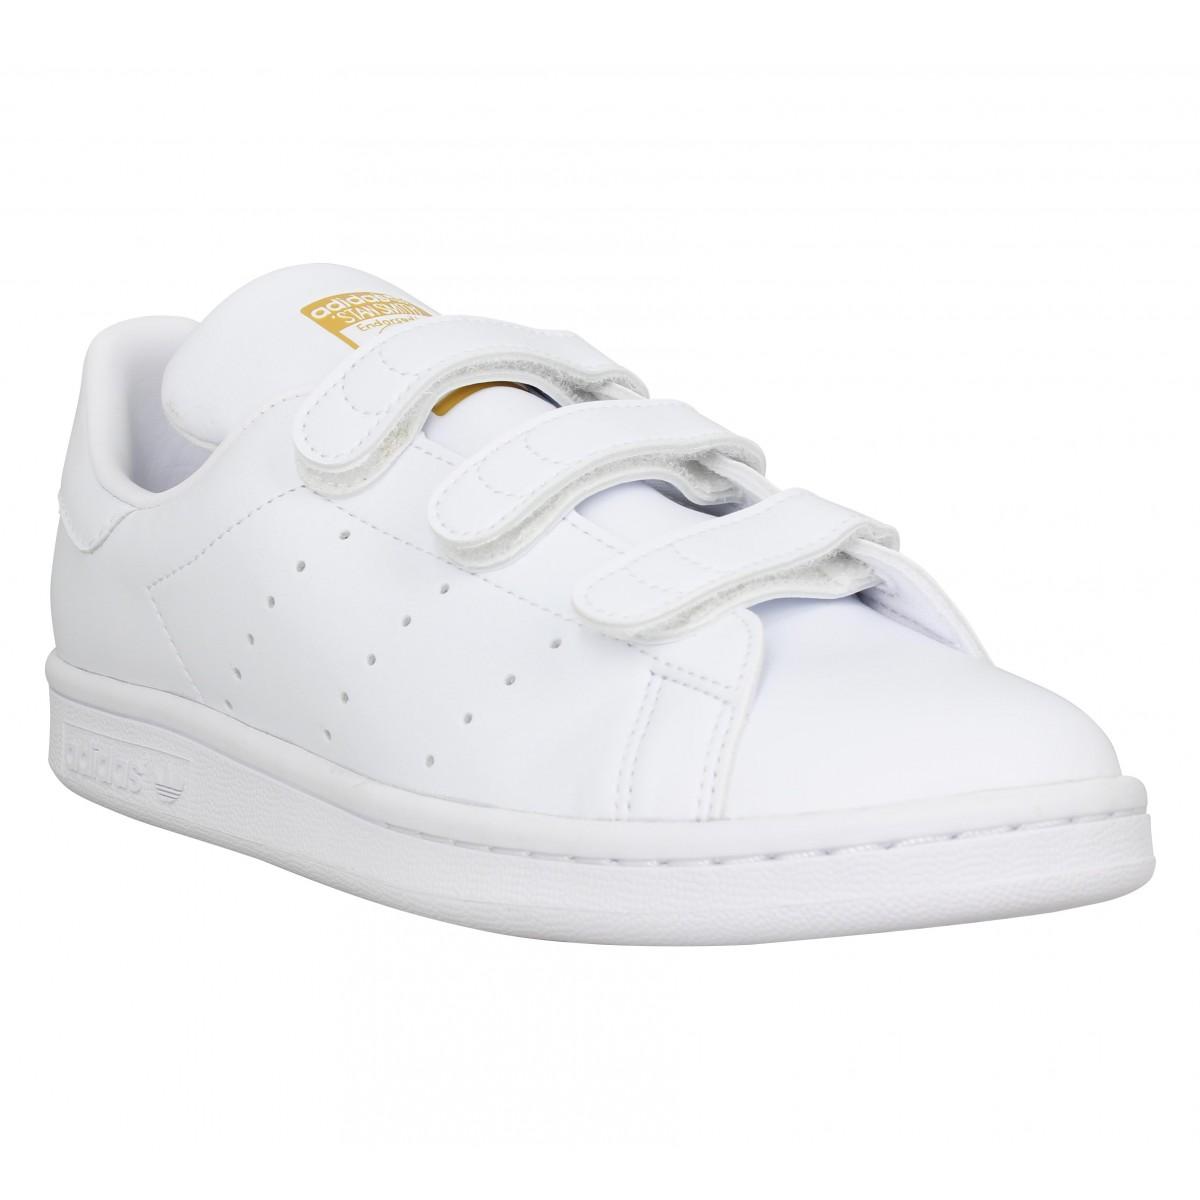 Adidas Marque Stan Smith Velcro Vegan...